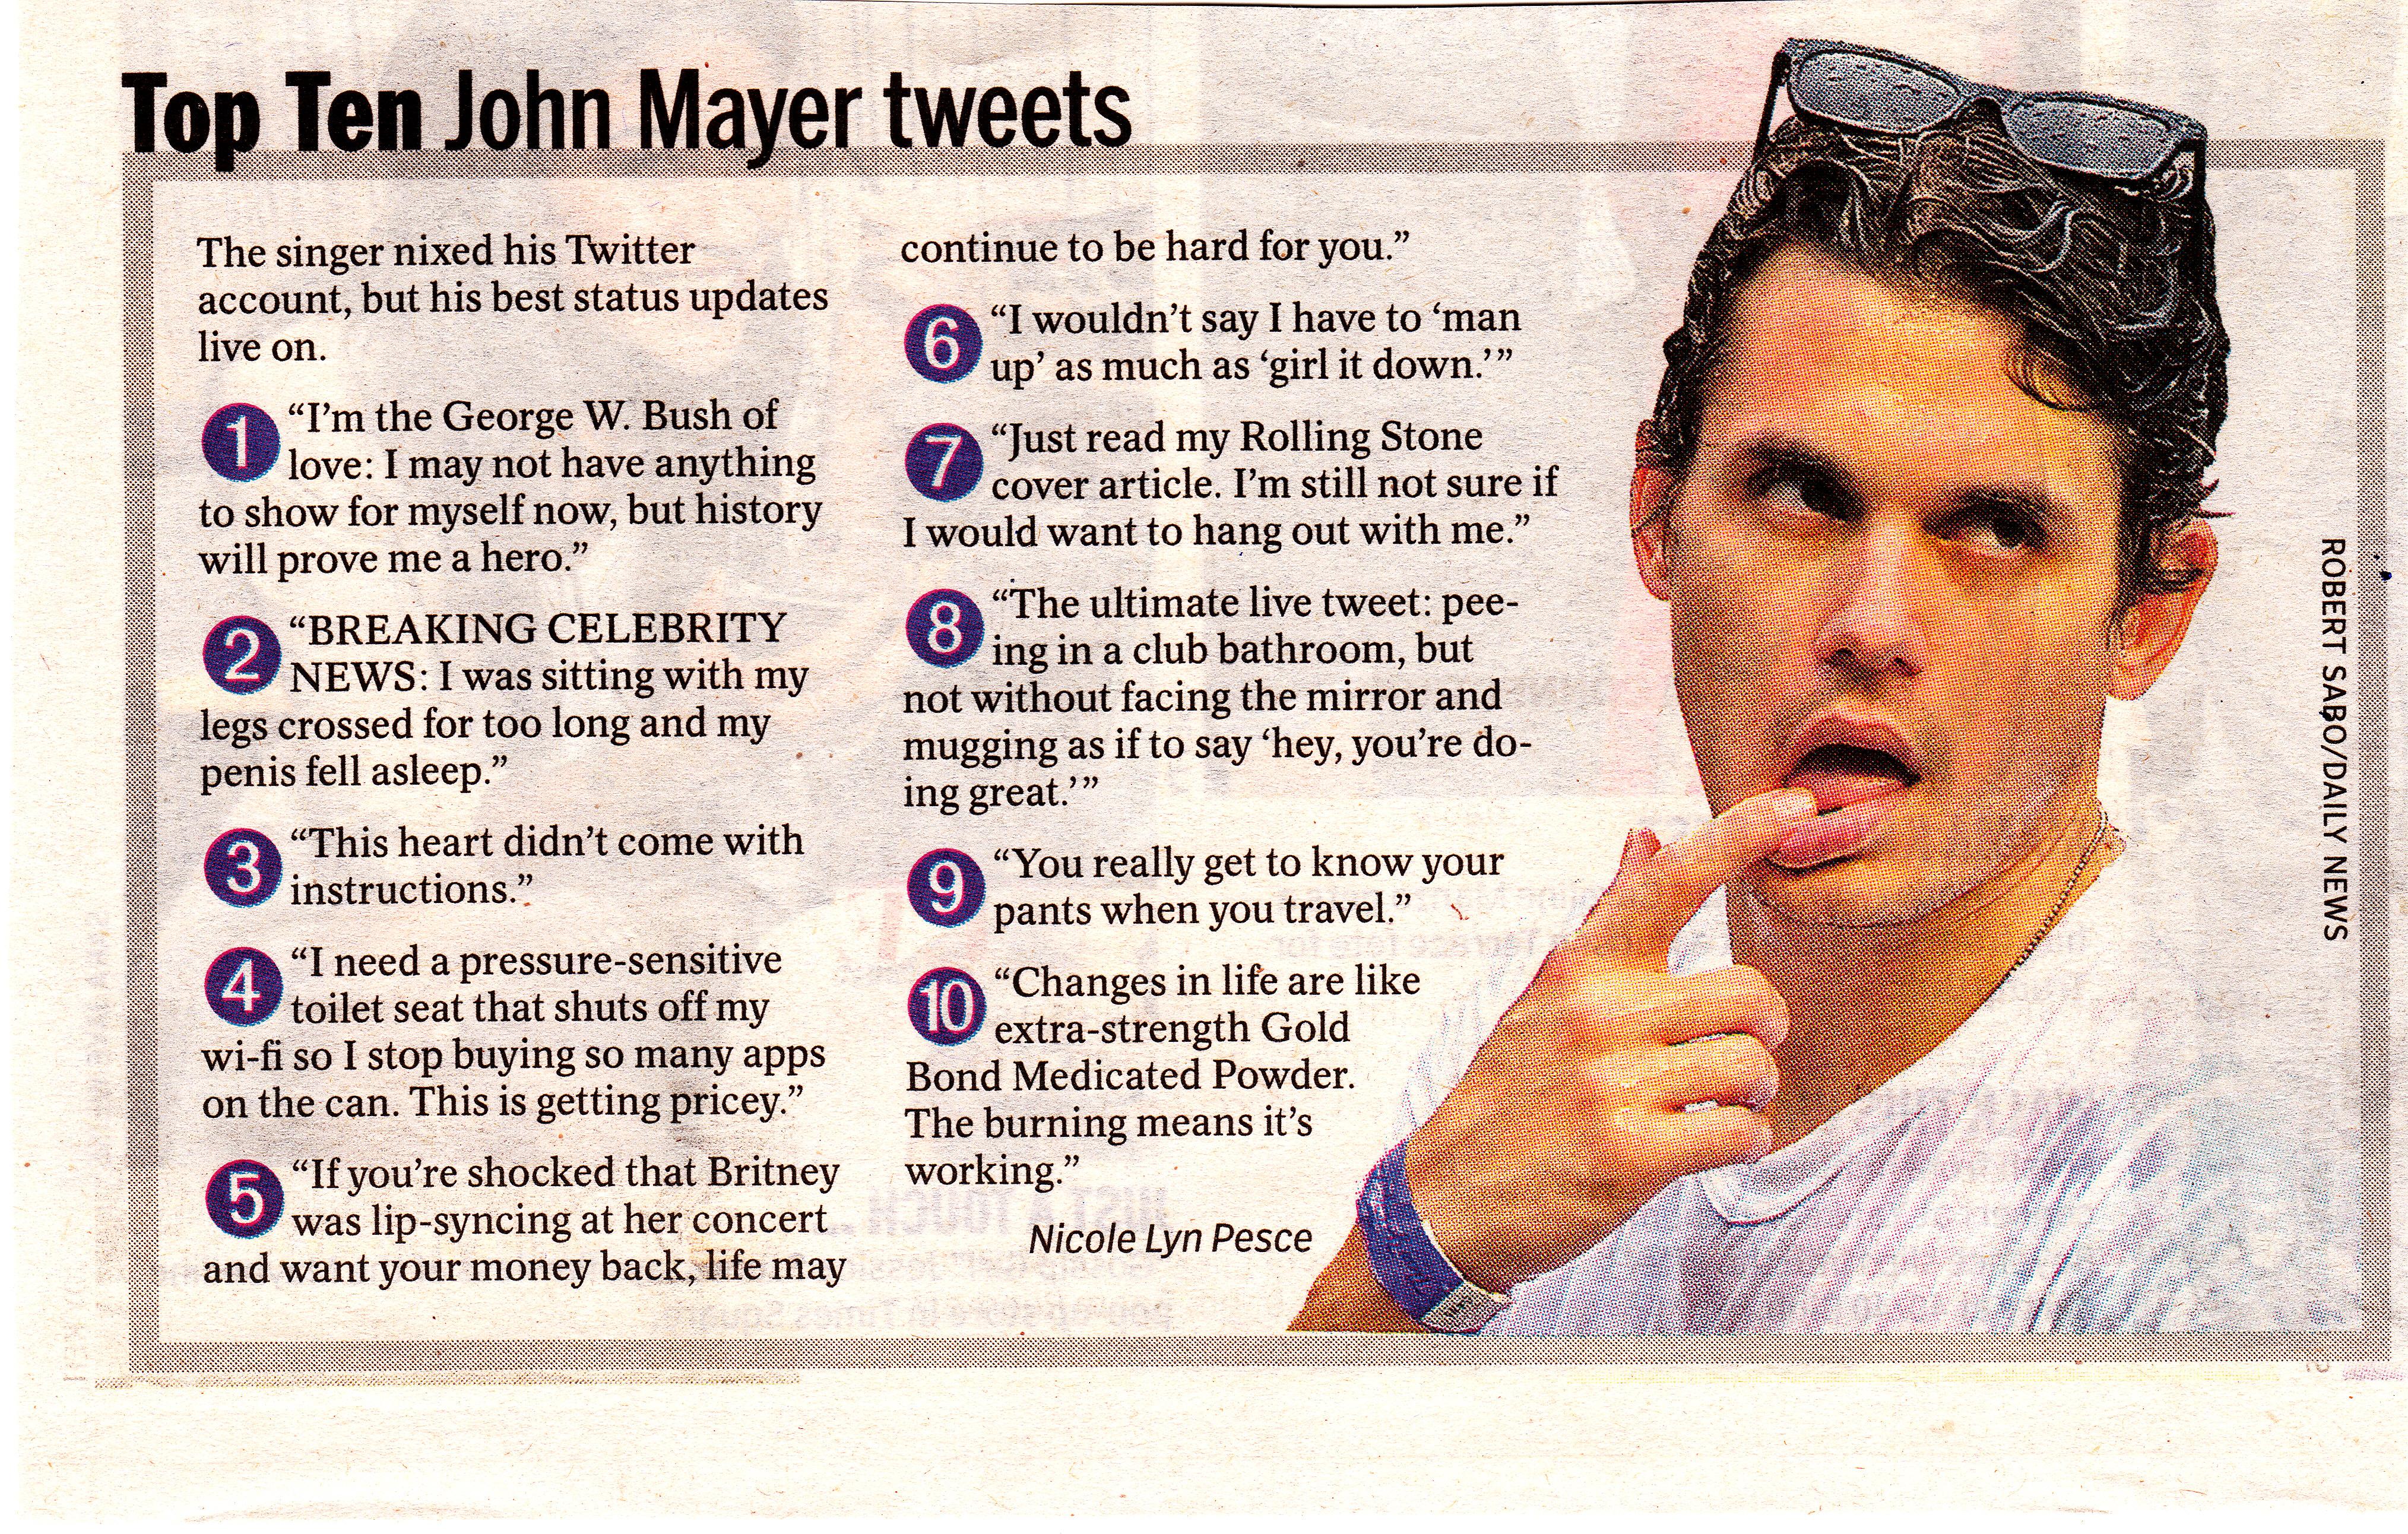 John Mayer Biography, John Mayer's Famous Quotes - QuotationOf . COM